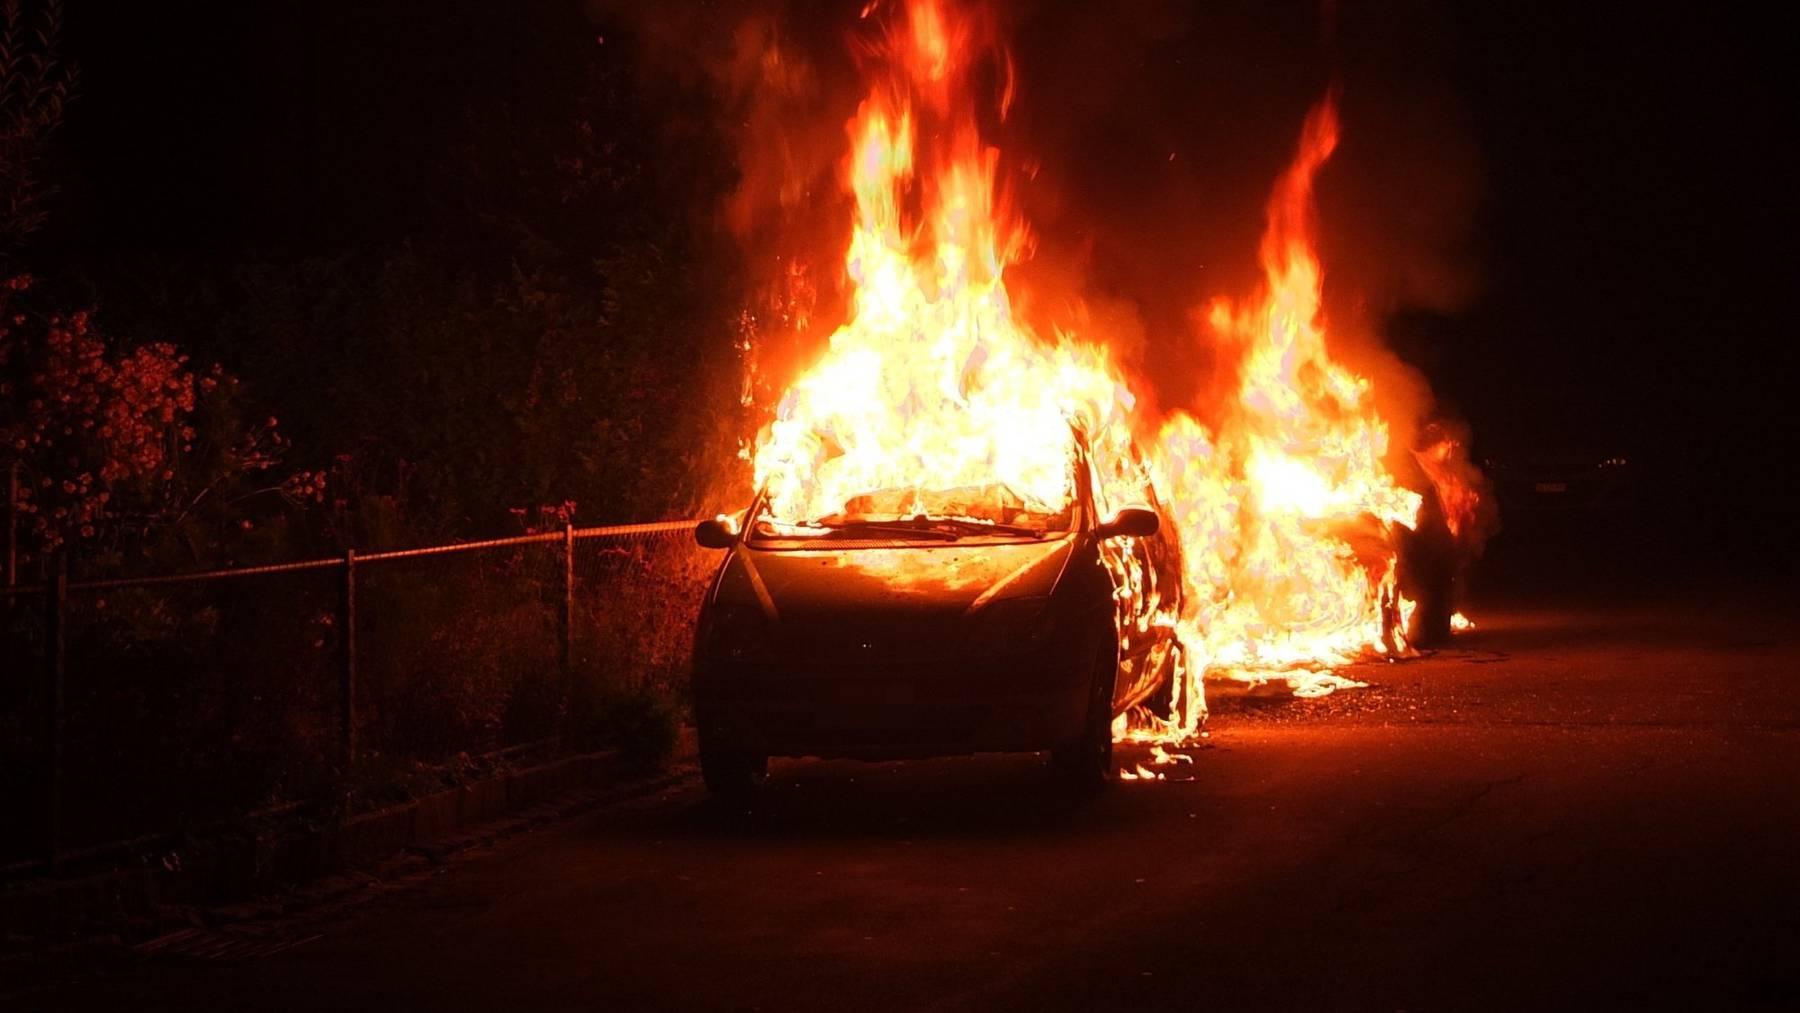 Das Feuer entfachte sich im Motorenraum eines Autos.